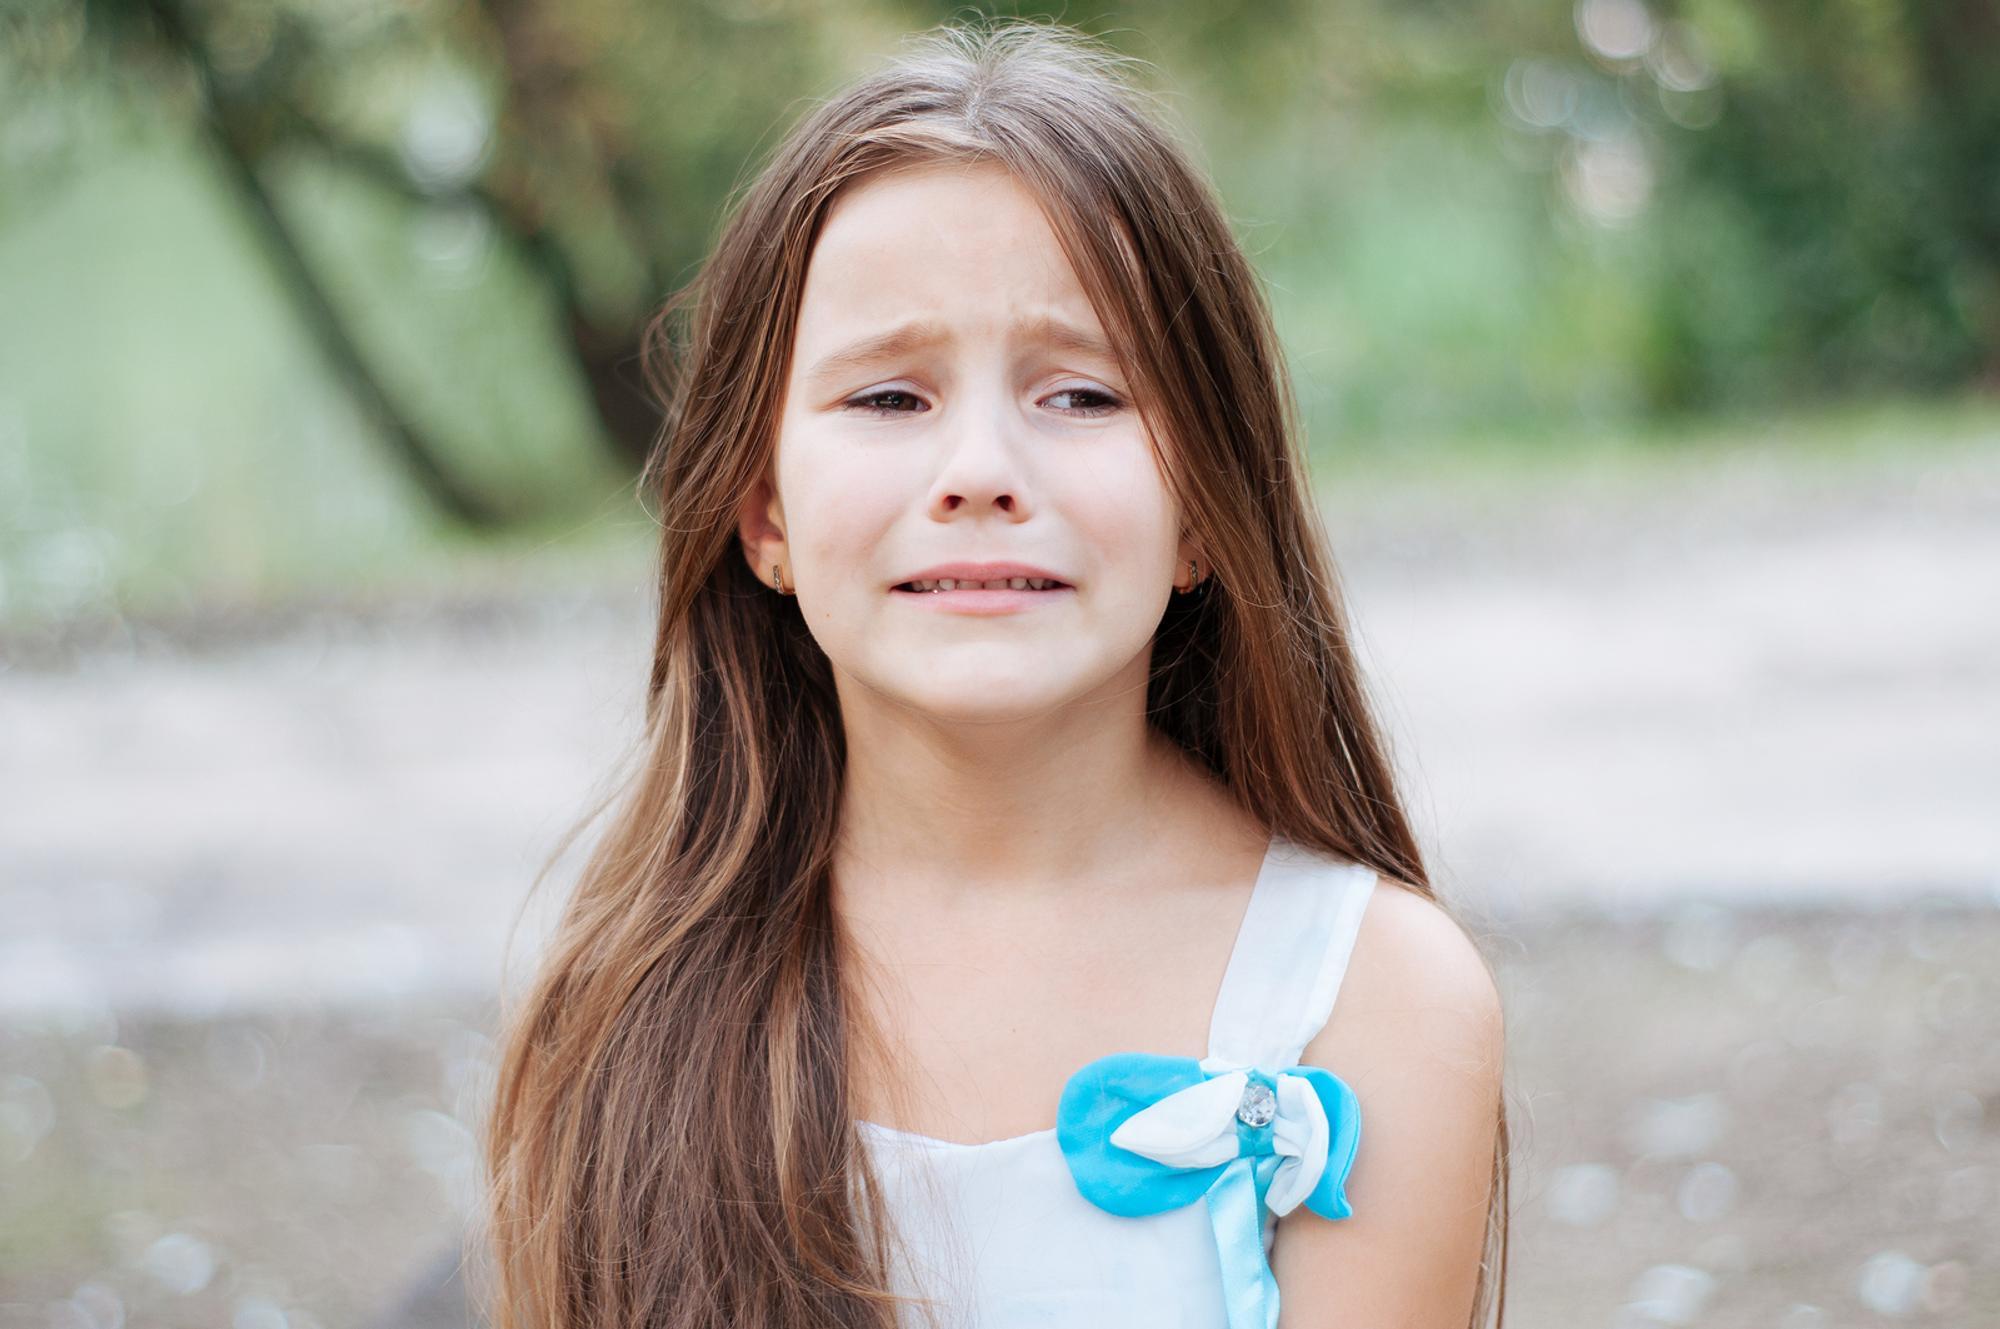 Mädchen weint